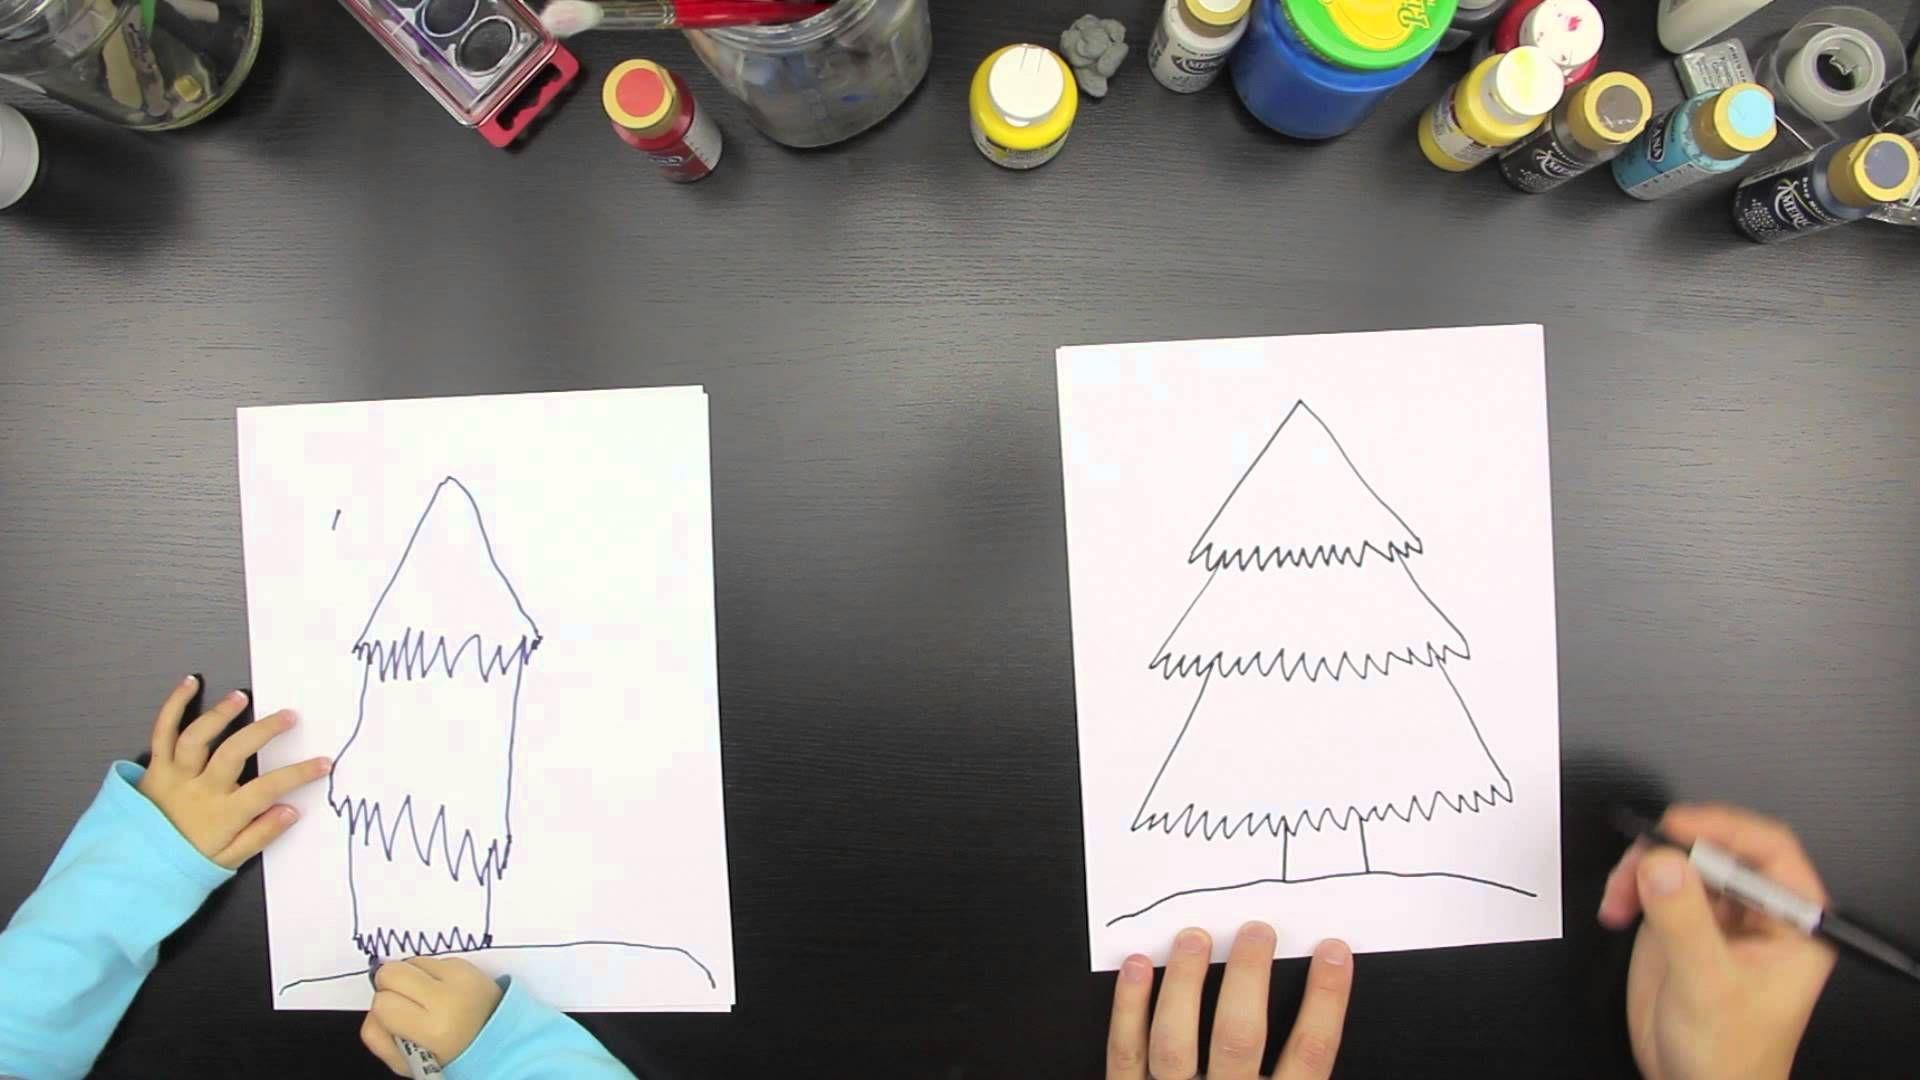 How to draw a Christmas tree | Art for kids hub, Christmas ...